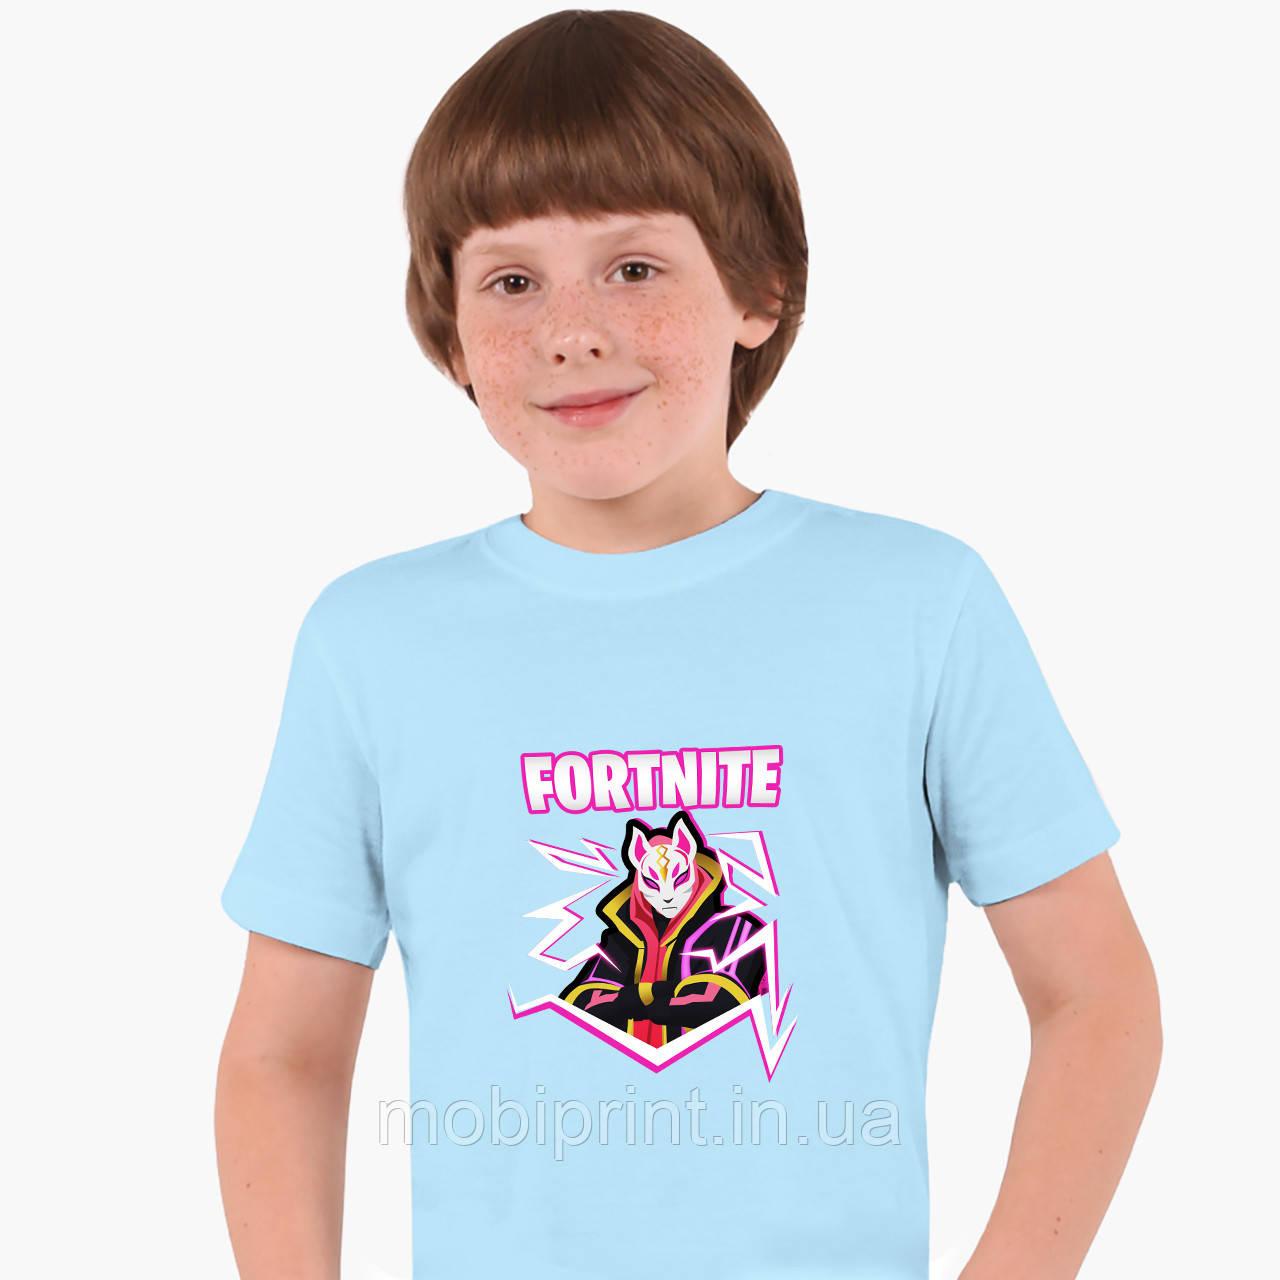 Детская футболка для мальчиков Фортнайт (Fortnite) (25186-1189) Голубой